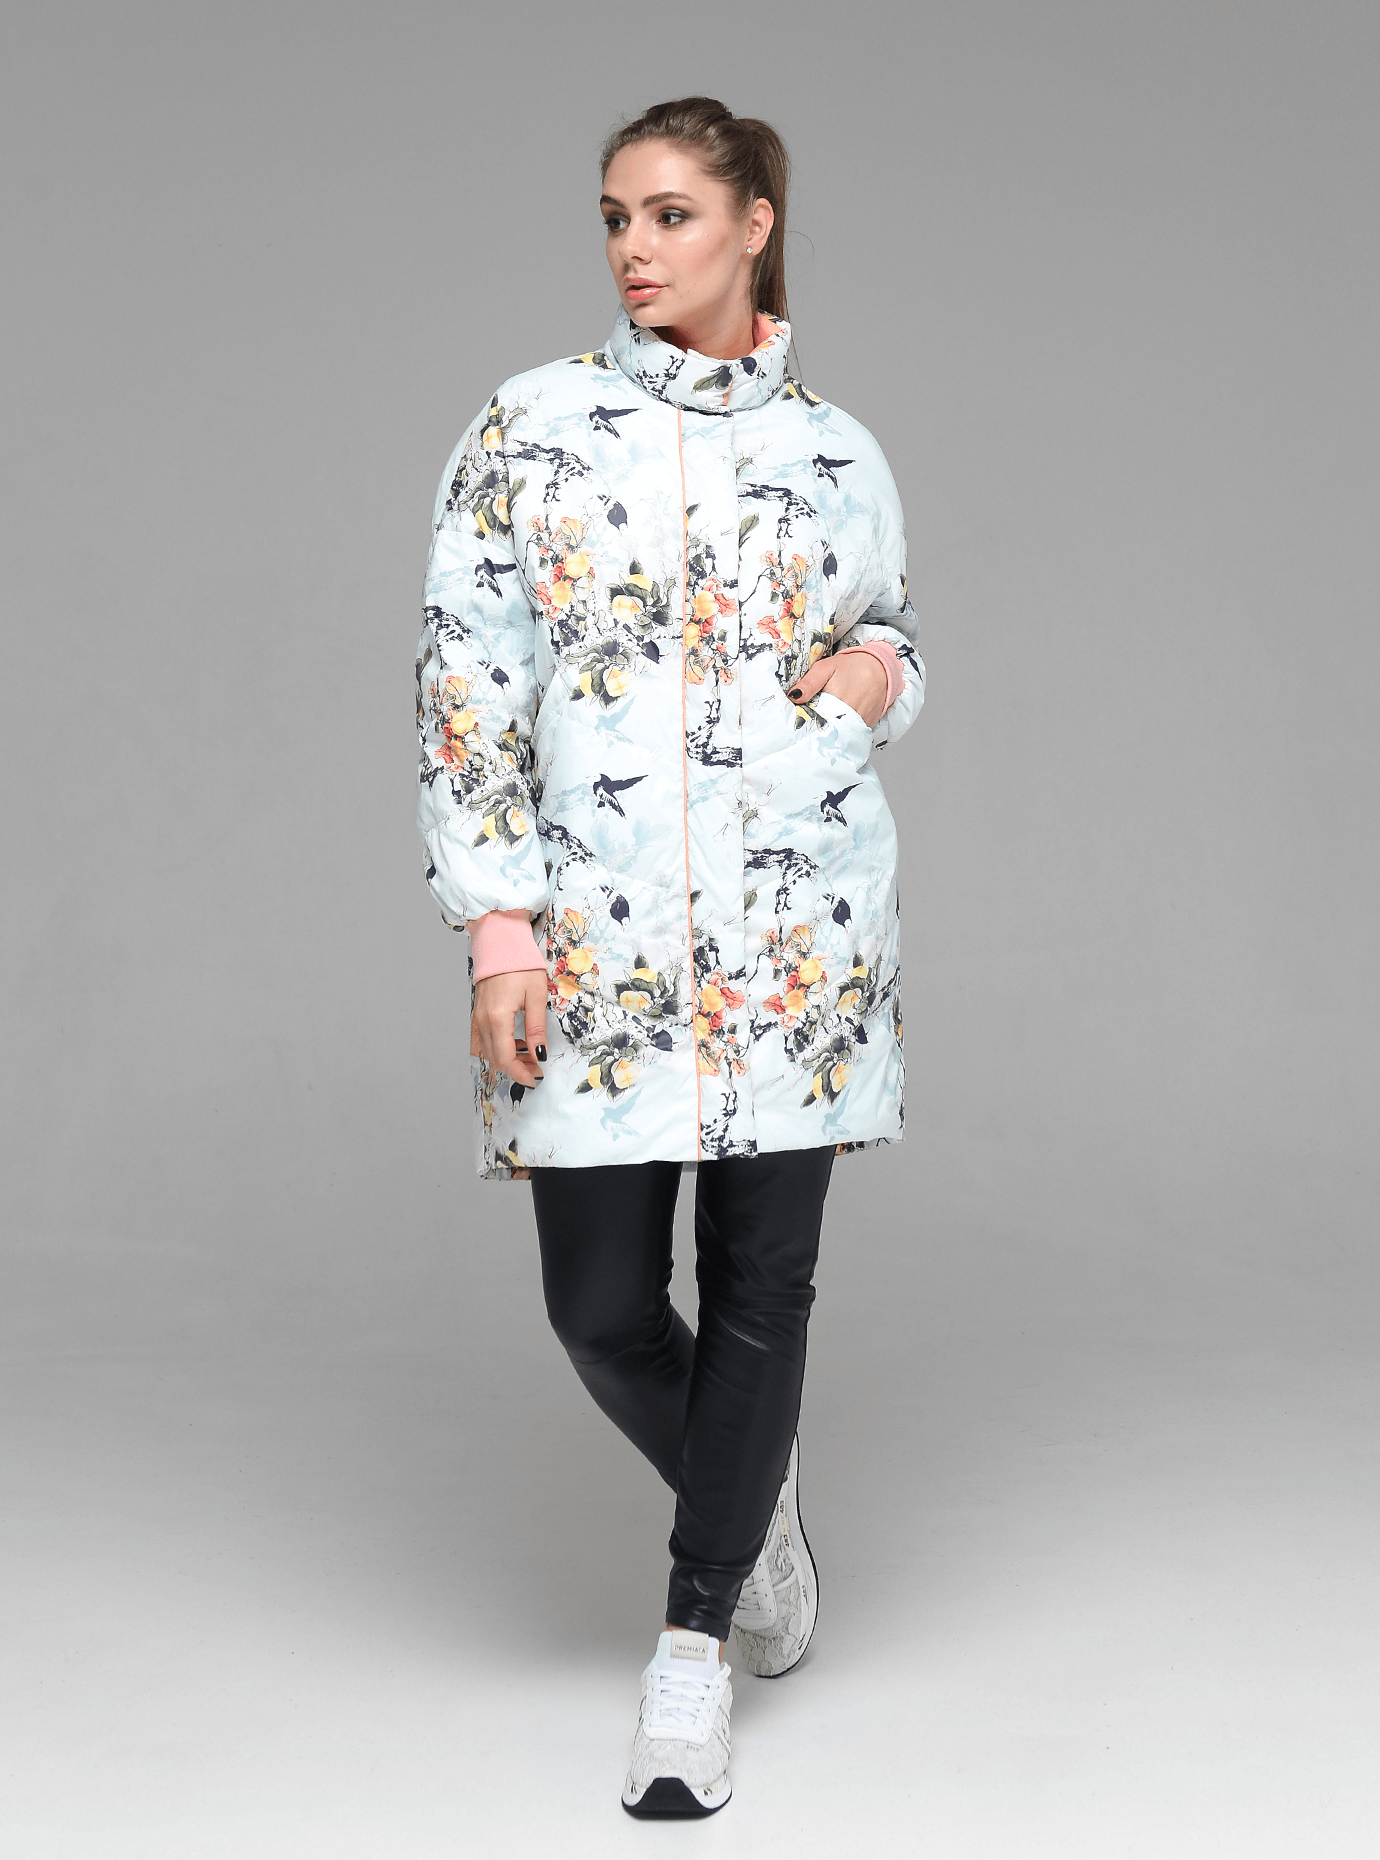 Куртка демисезонная женская Персиковый S (02-D190126): фото - Alster.ua